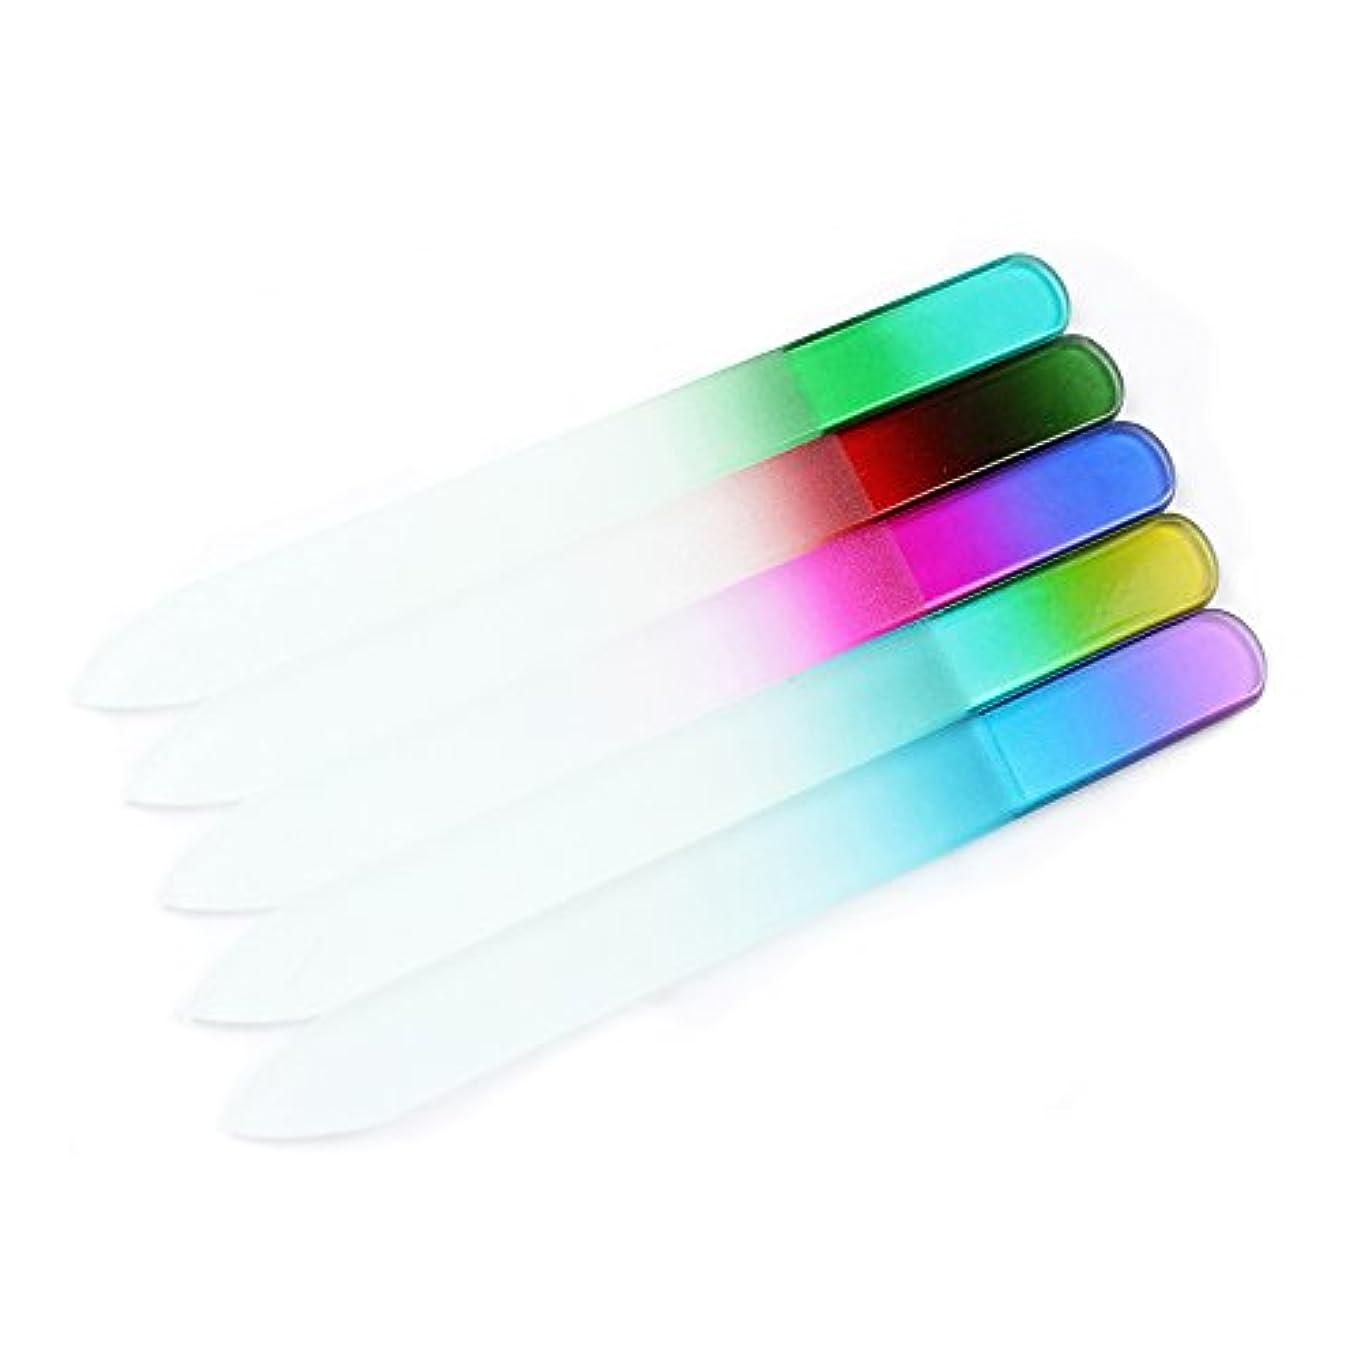 宣言するコントローラ会話FingerAngel 爪やすり ガラス製 5個セット 削りやすいネイルヤスリ 両面タイプ ネイルケア